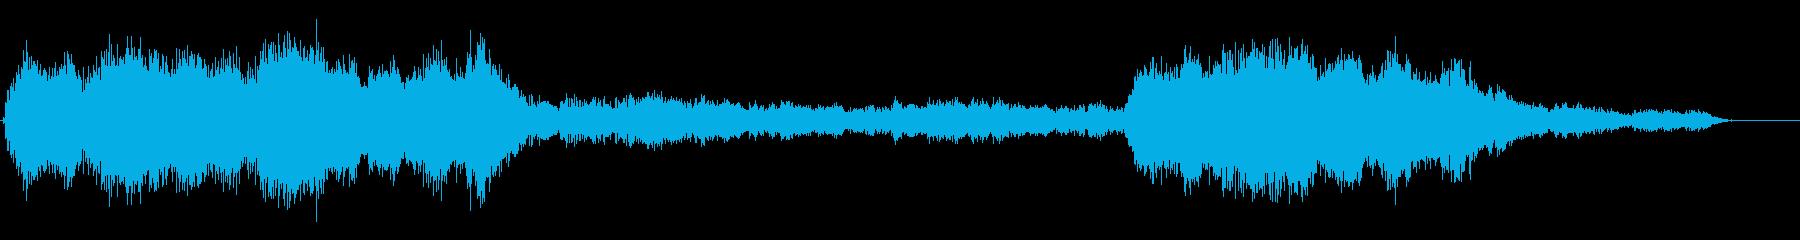 深く真白い朝 フルート+弦楽風2分12秒の再生済みの波形